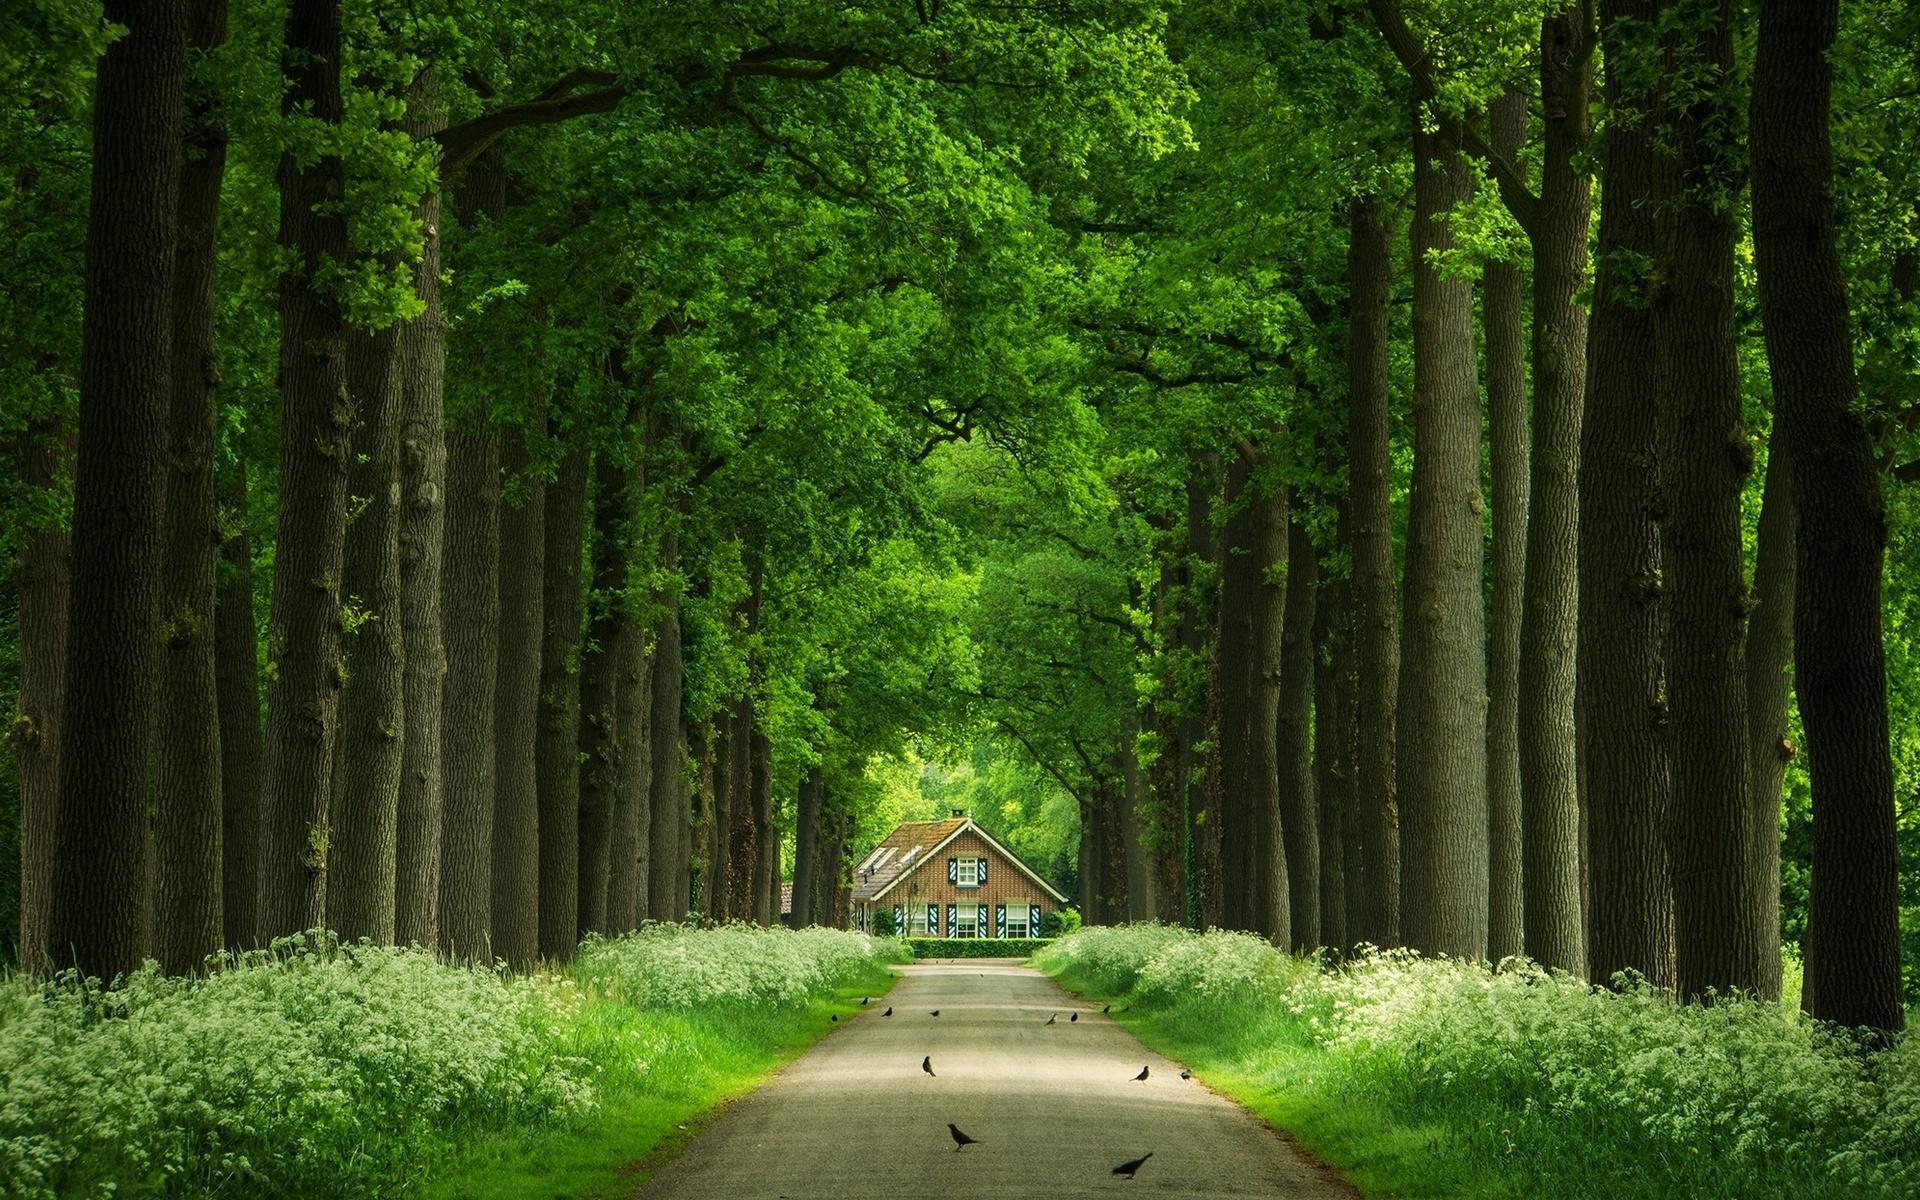 Дорога в парк картинка